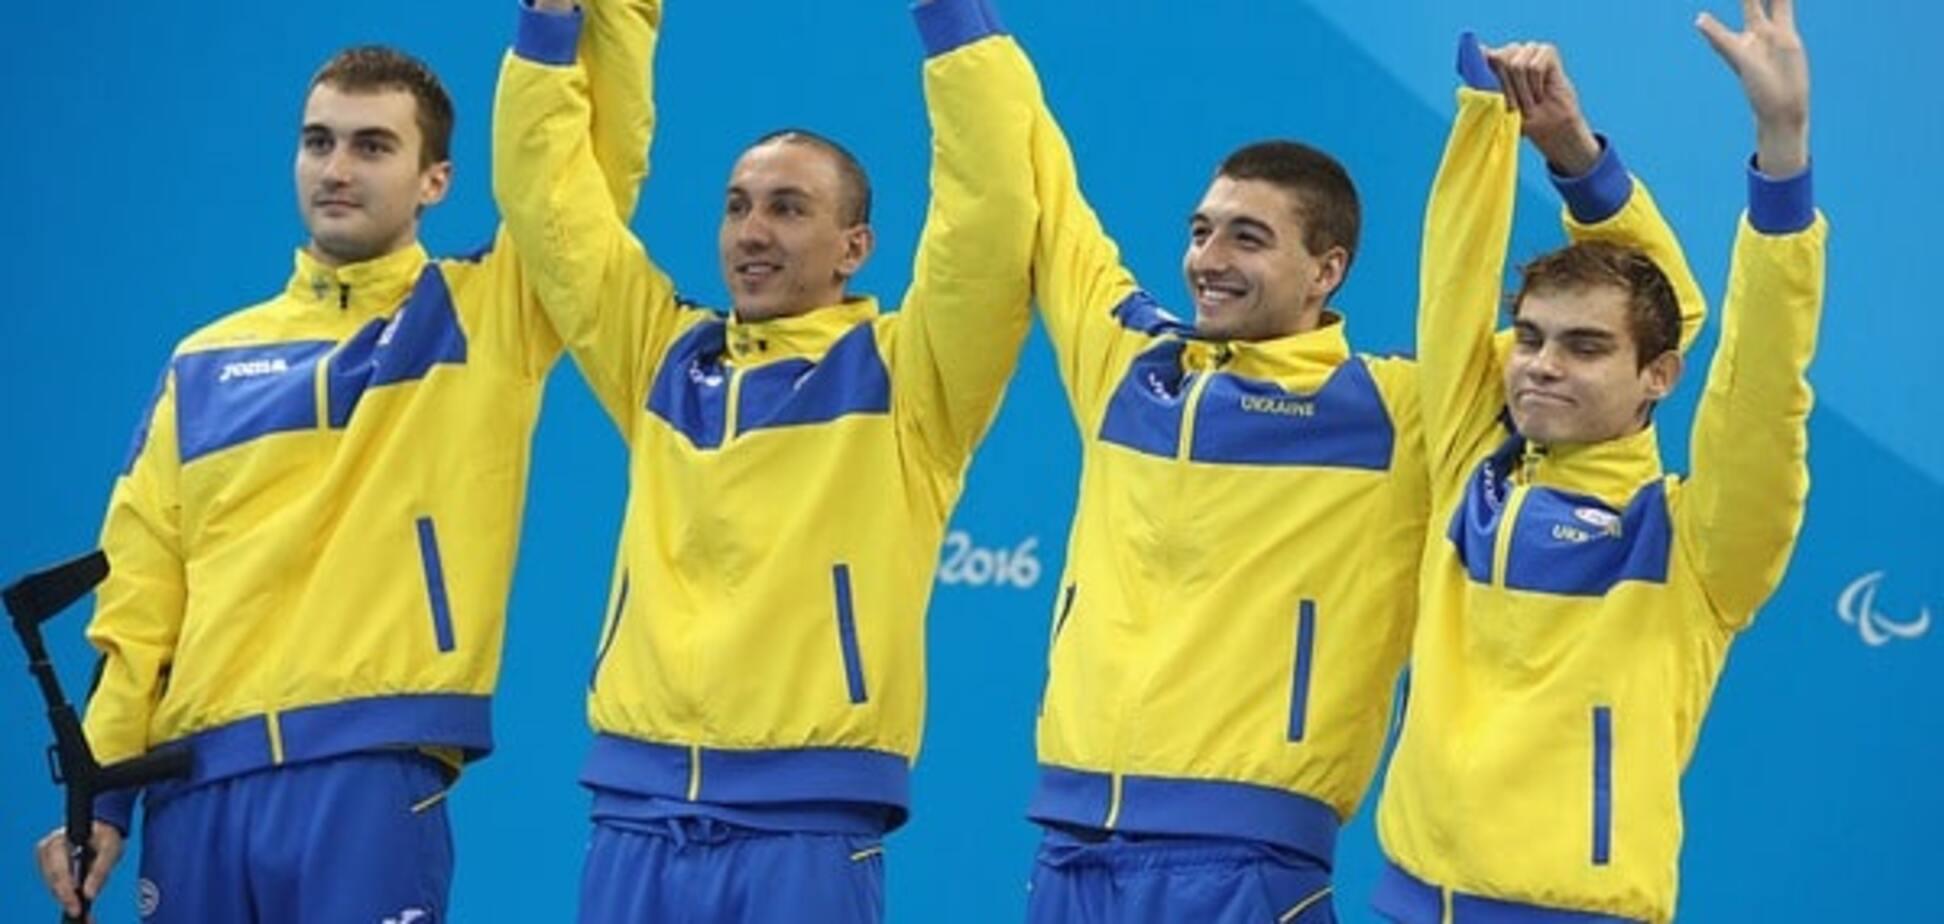 Українці встановили 22 світових рекорди на Паралімпіаді-2016